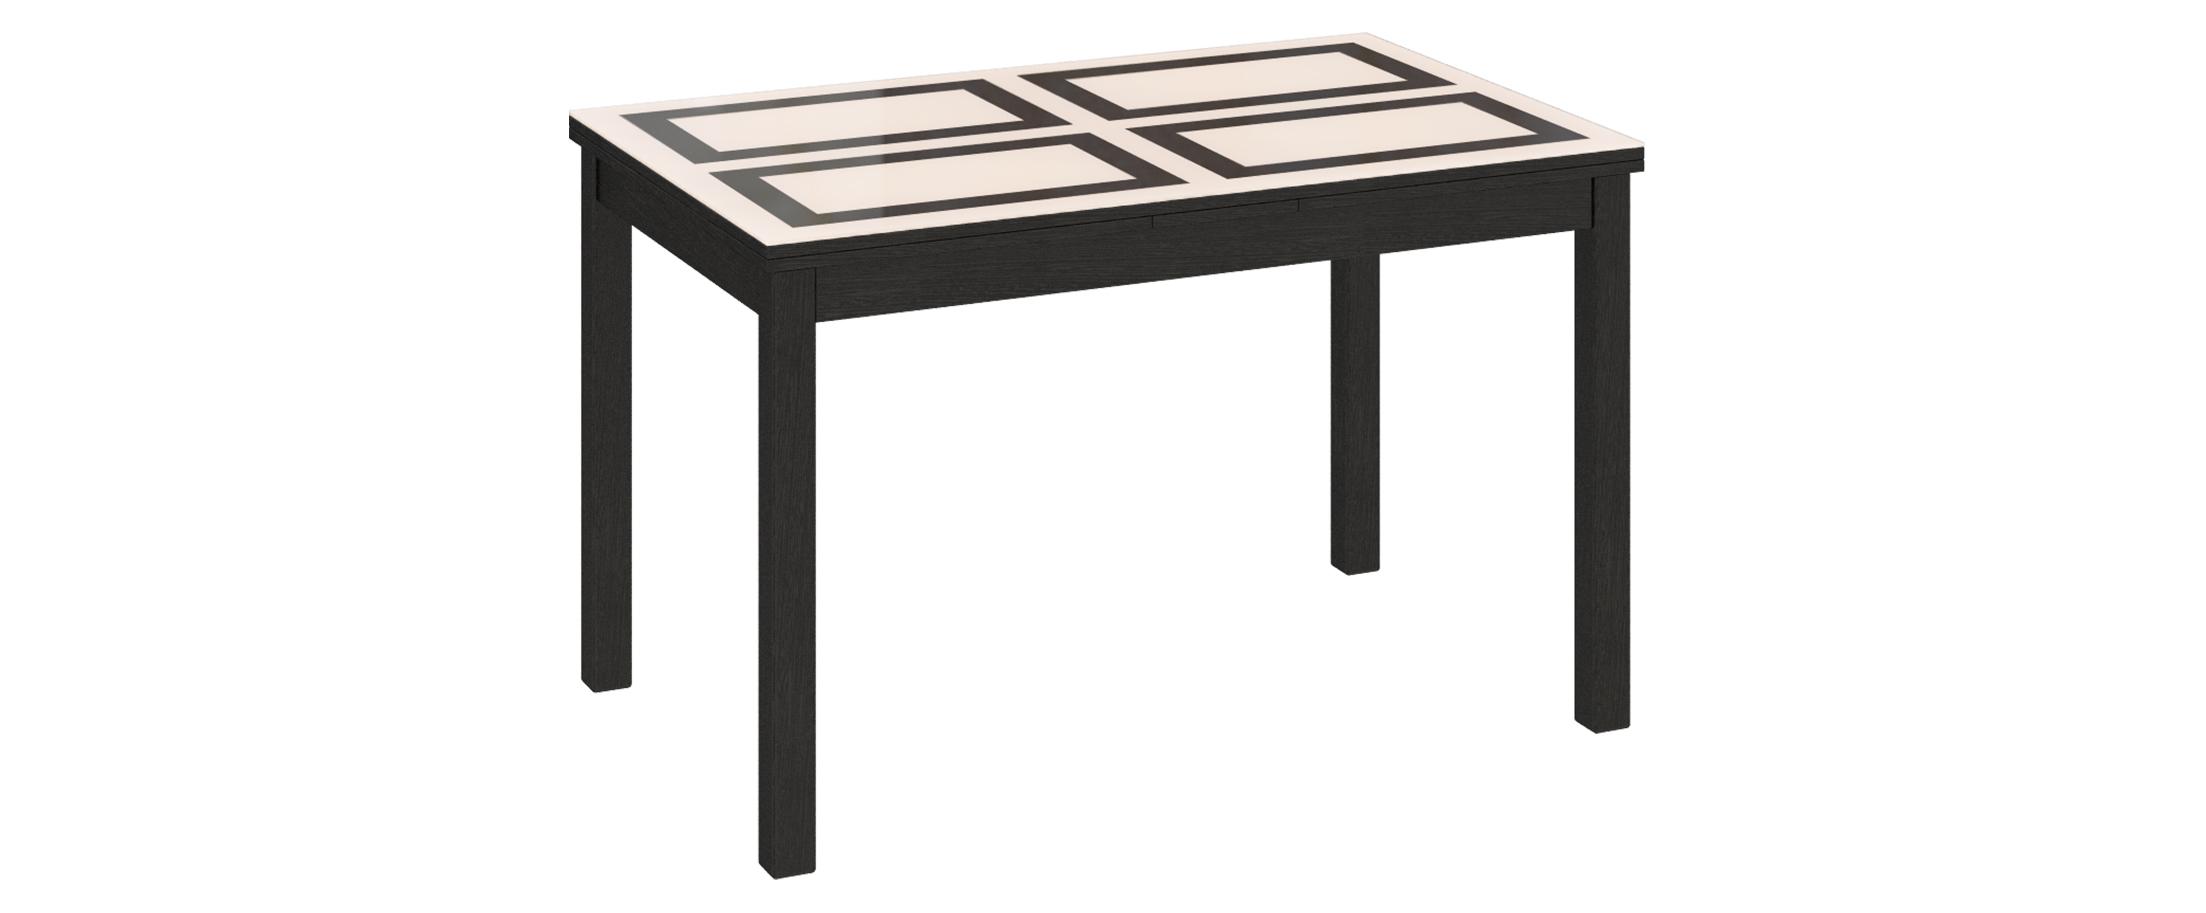 Стол обеденный Диез Т11 Модель 3038Благодаря своим компактным габаритам и контрастному исполнению, стол подойдет для небольших помещений. Гладкая поверхность стола приятна на ощупь и не требует особого ухода.<br>